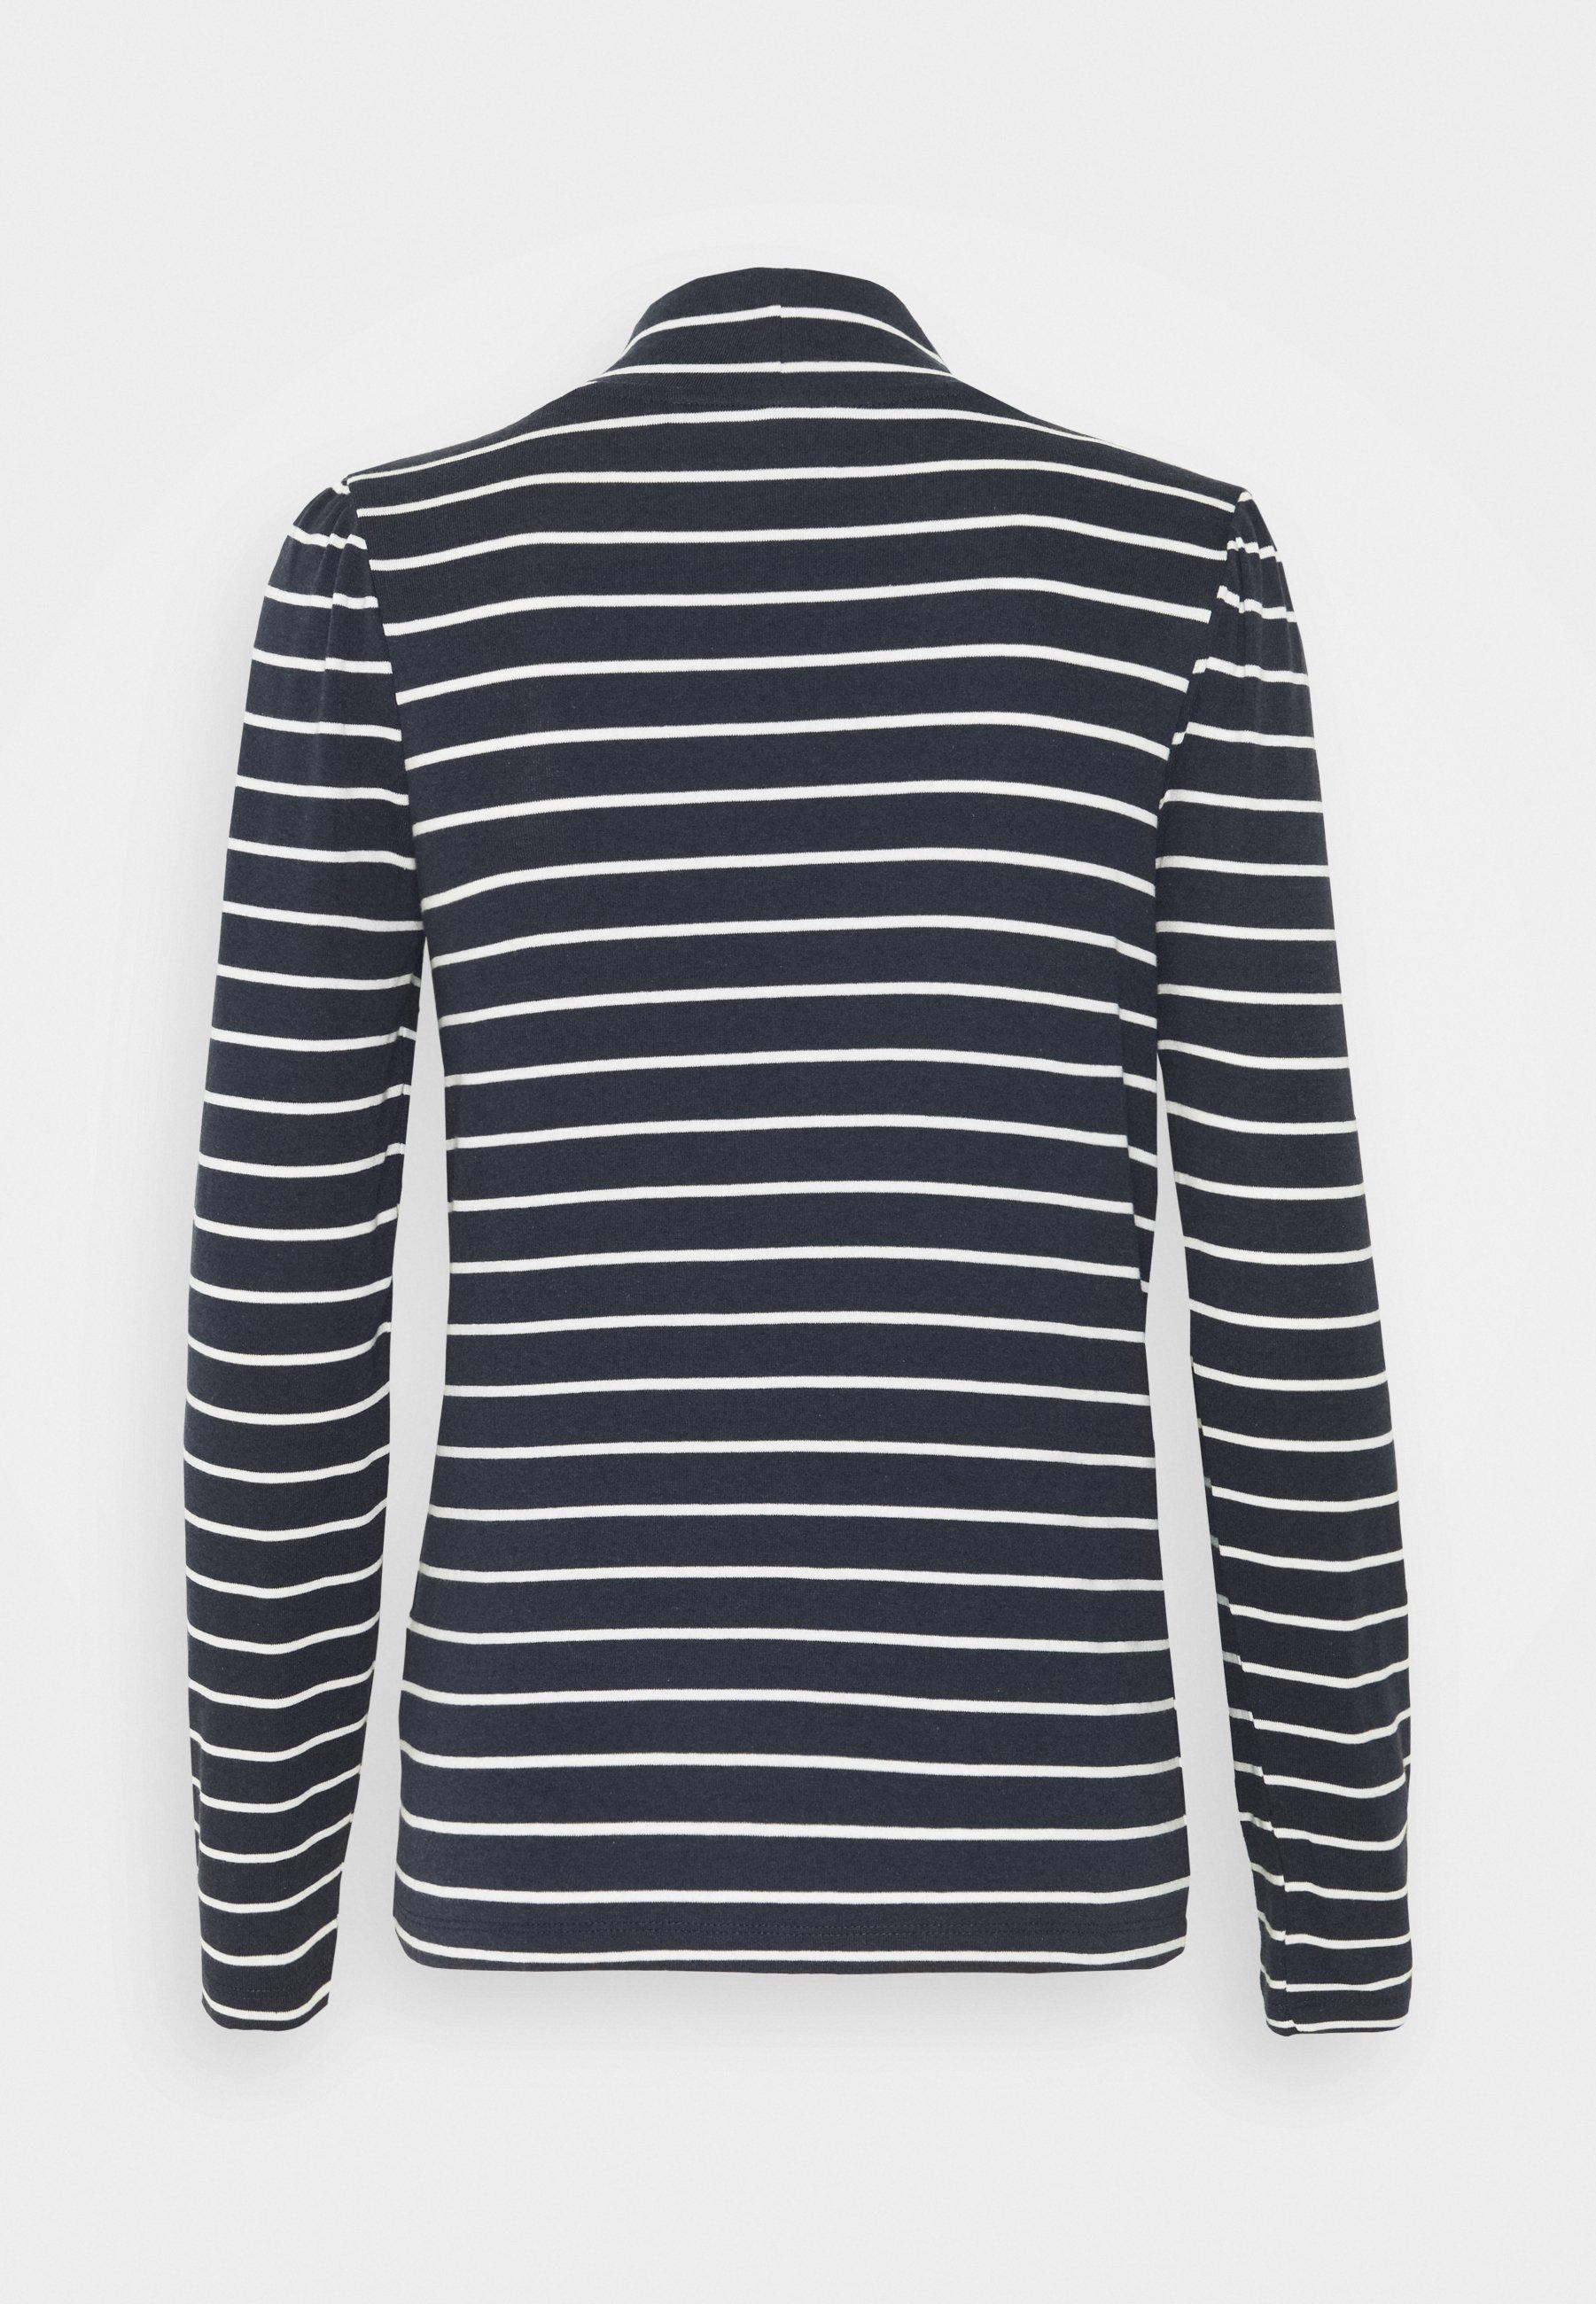 Esprit Puff - Topper Langermet Navy/white/mørkeblå